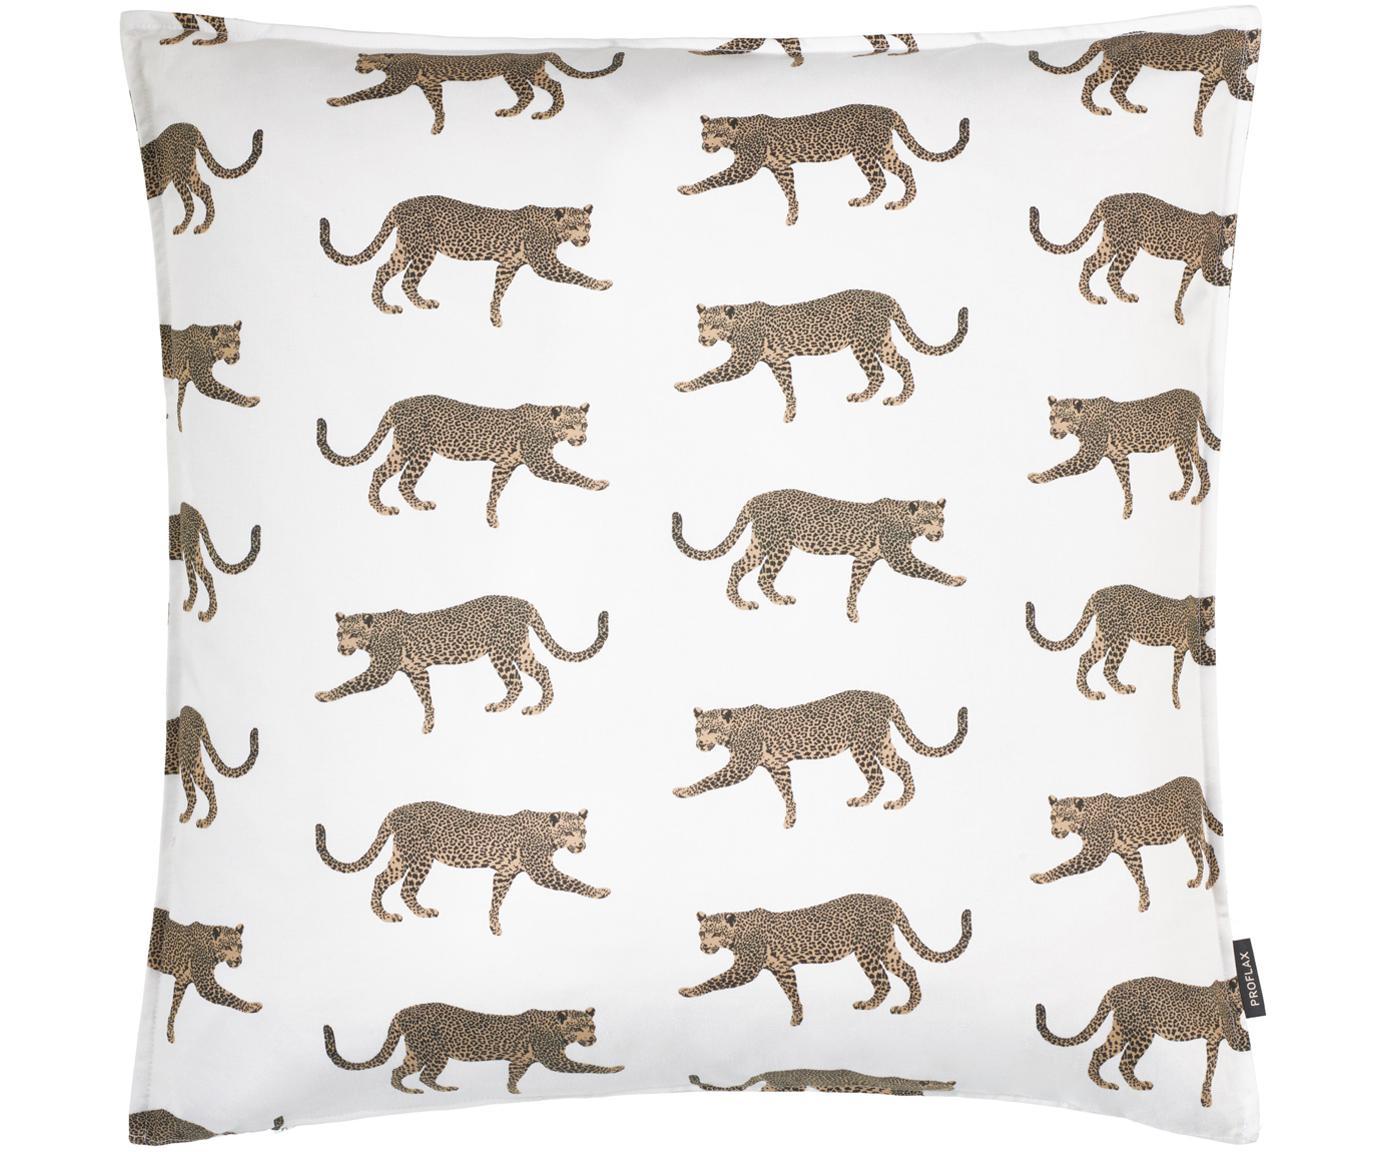 Kissenhülle Tambo mit Leoparden Motiv, 100% Baumwolle, Gebrochenes Weiß, Beige, Schwarz, 50 x 50 cm